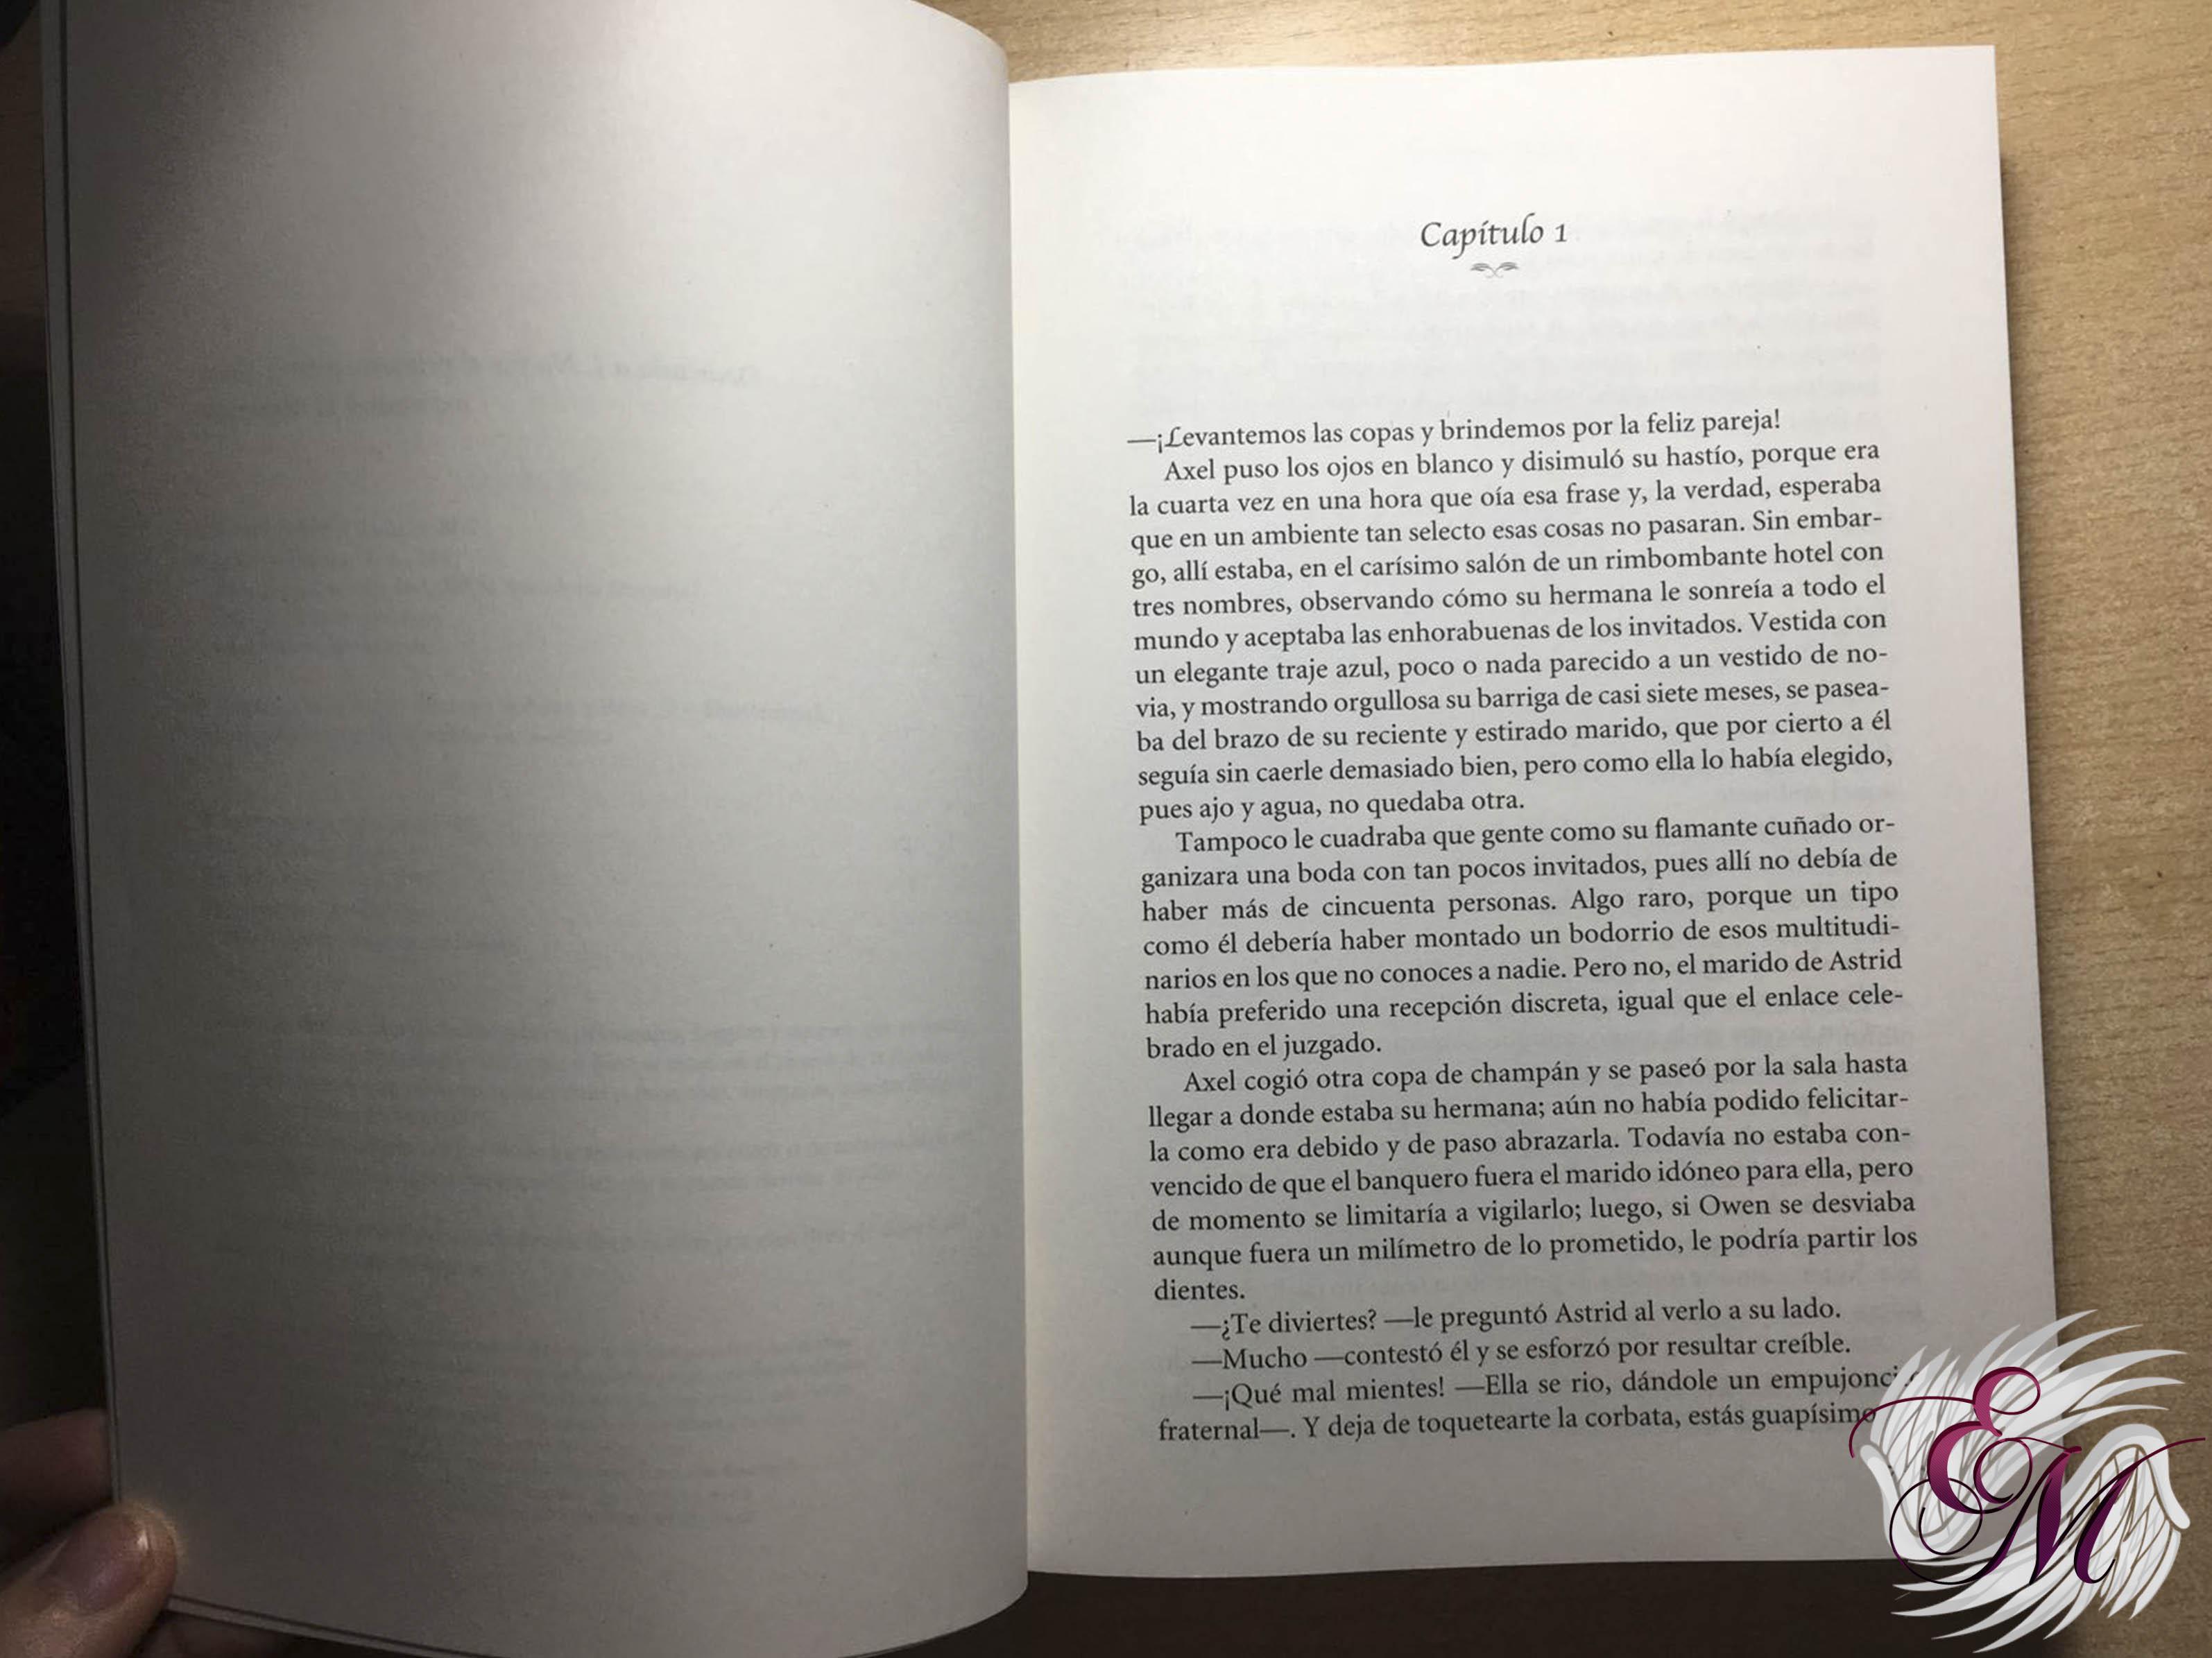 Edición limitada, de Noe Casado - Reseña